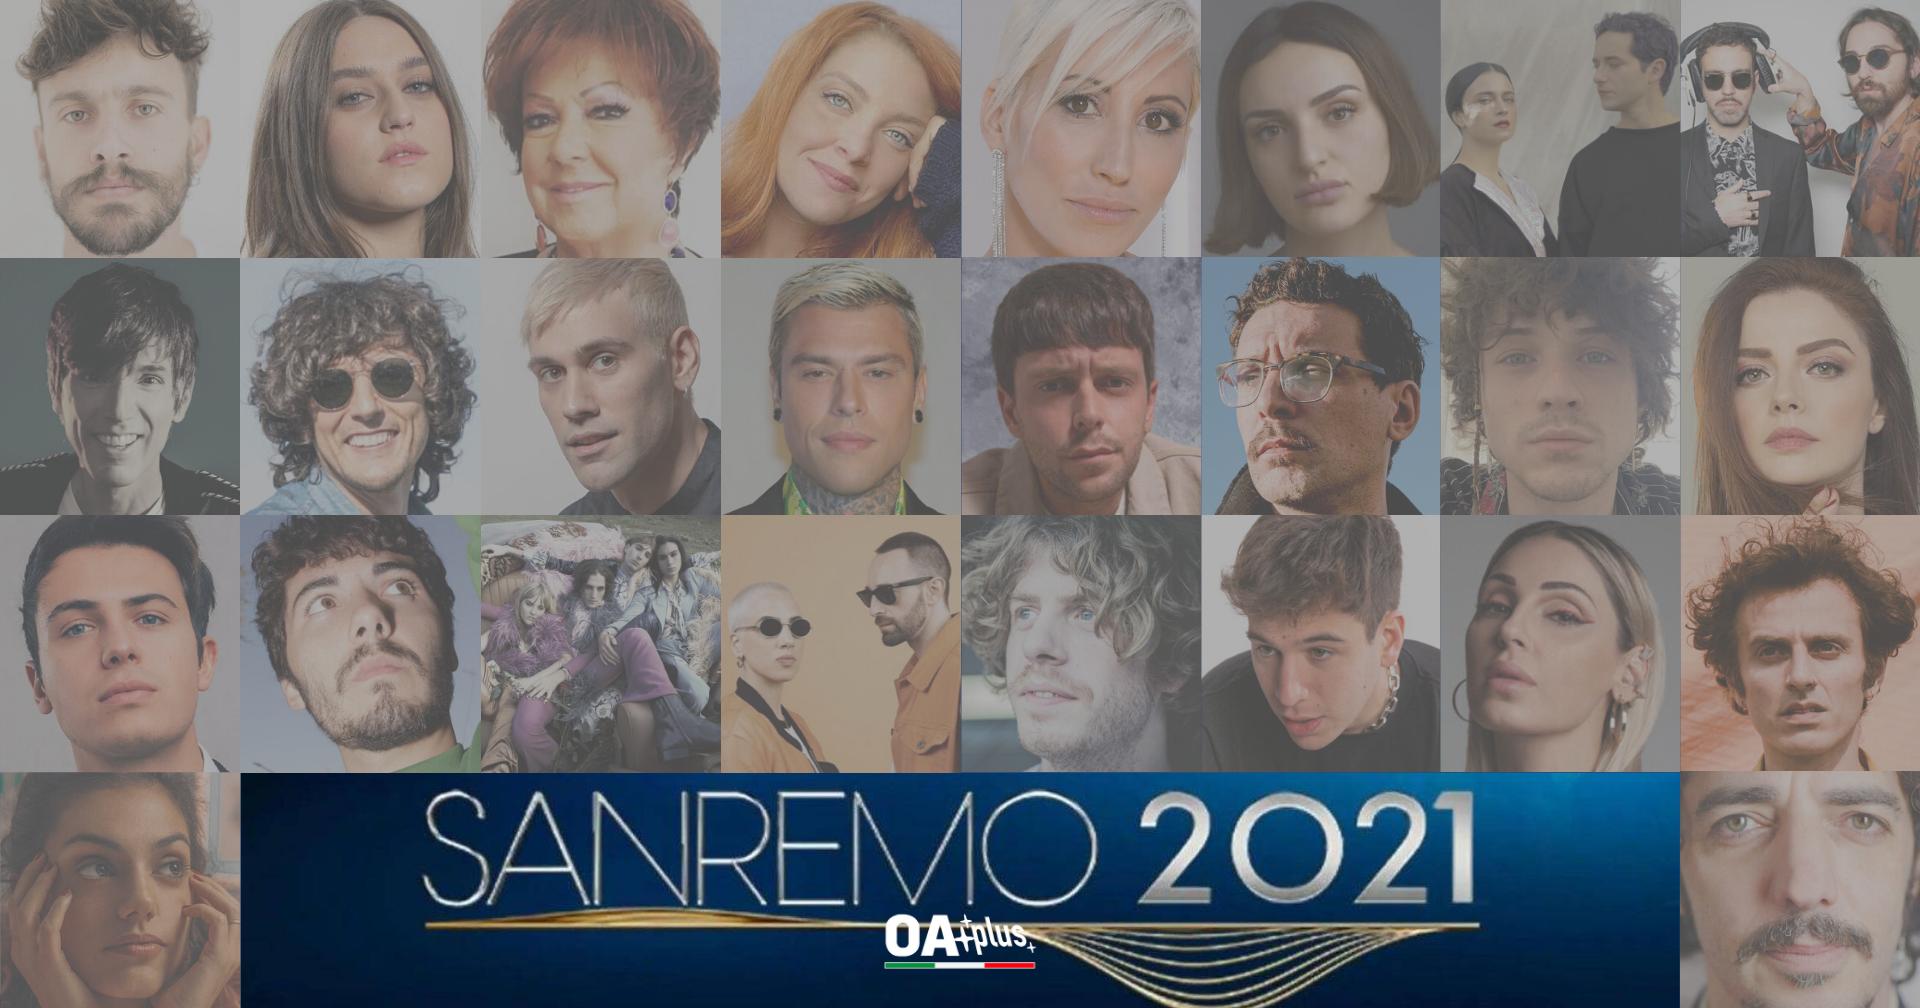 Aggiornamento sui Big di Sanremo 2021: dentro Bugo, Aiello e Gaia, non ci saranno Morgan, Leo Gassmann e Michele Bravi